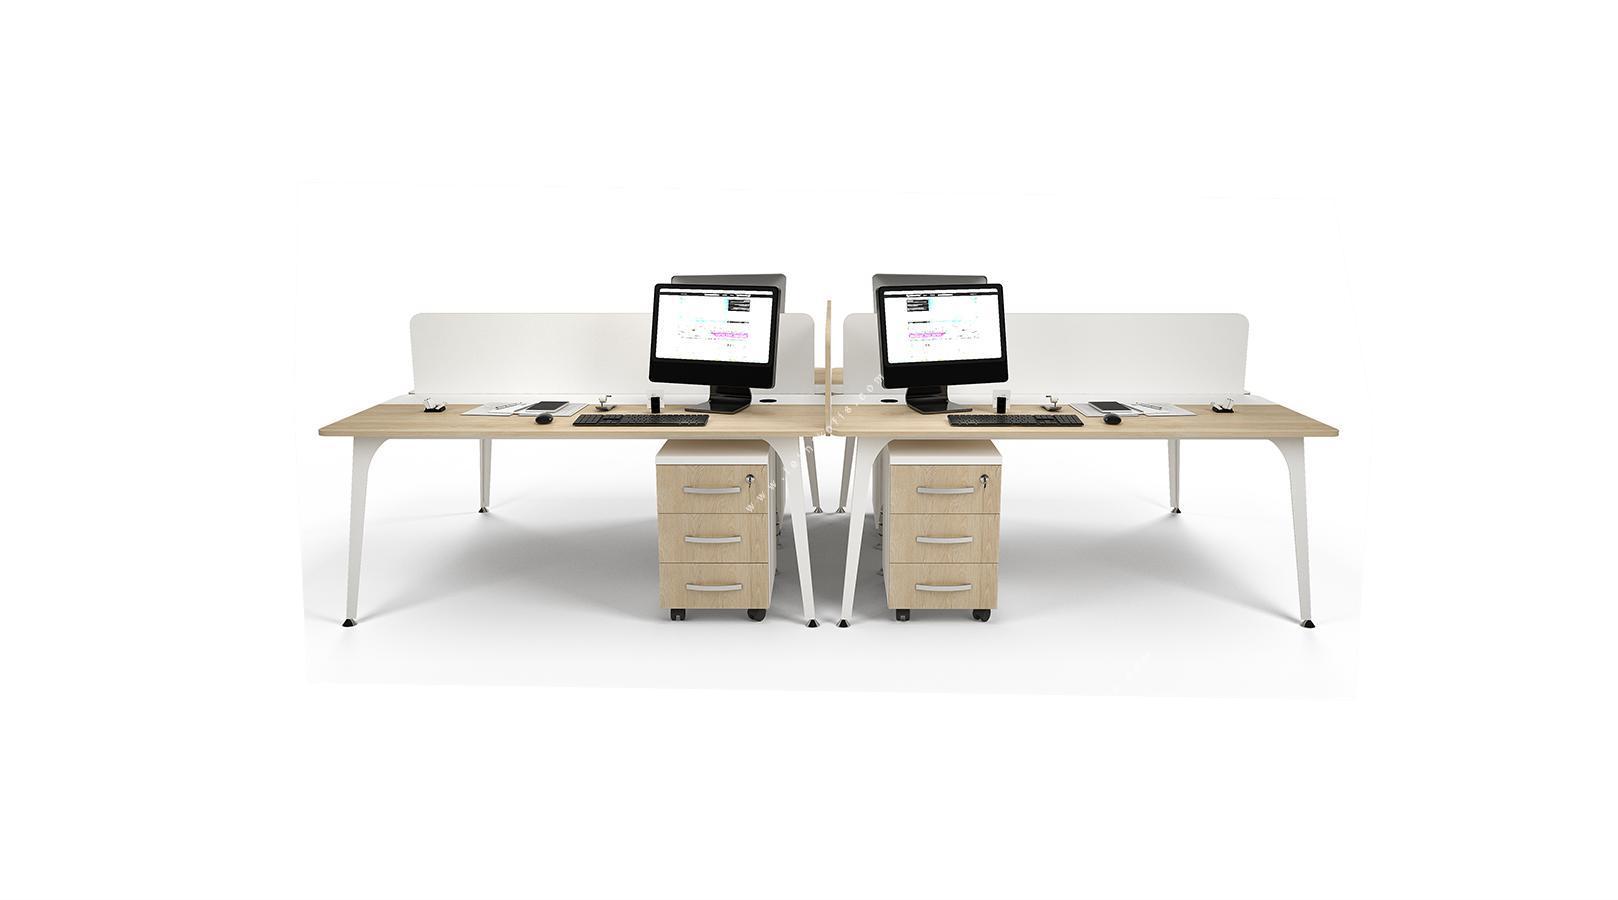 centrawork melamin seperatörlü dörtlü çalışma masası 320cm